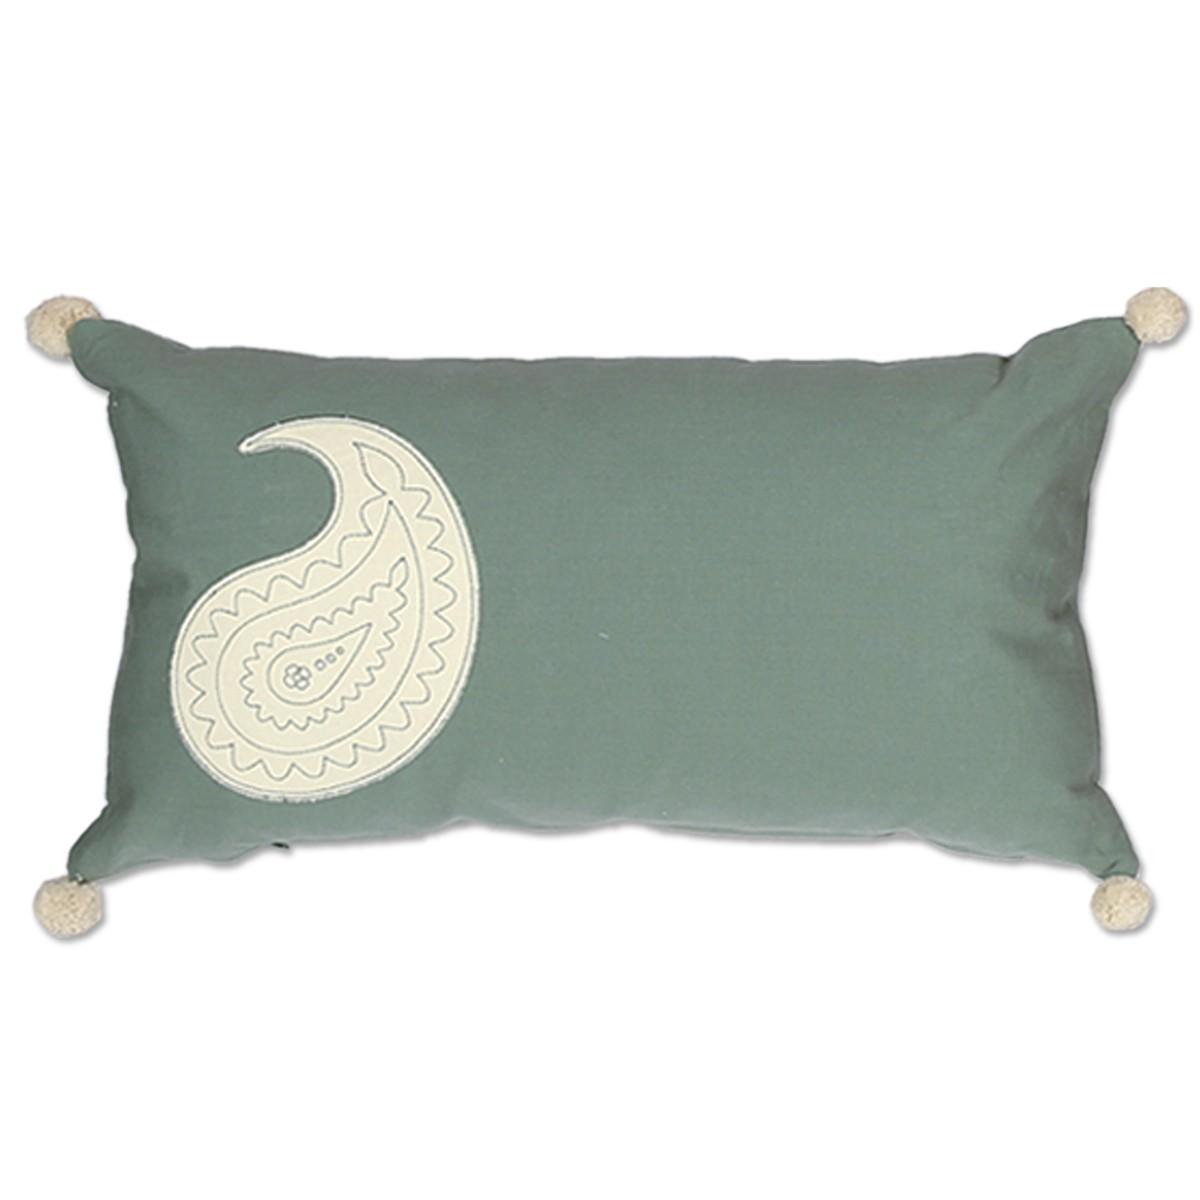 Διακοσμητικό Μαξιλάρι Nef-Nef Plummet Emerald